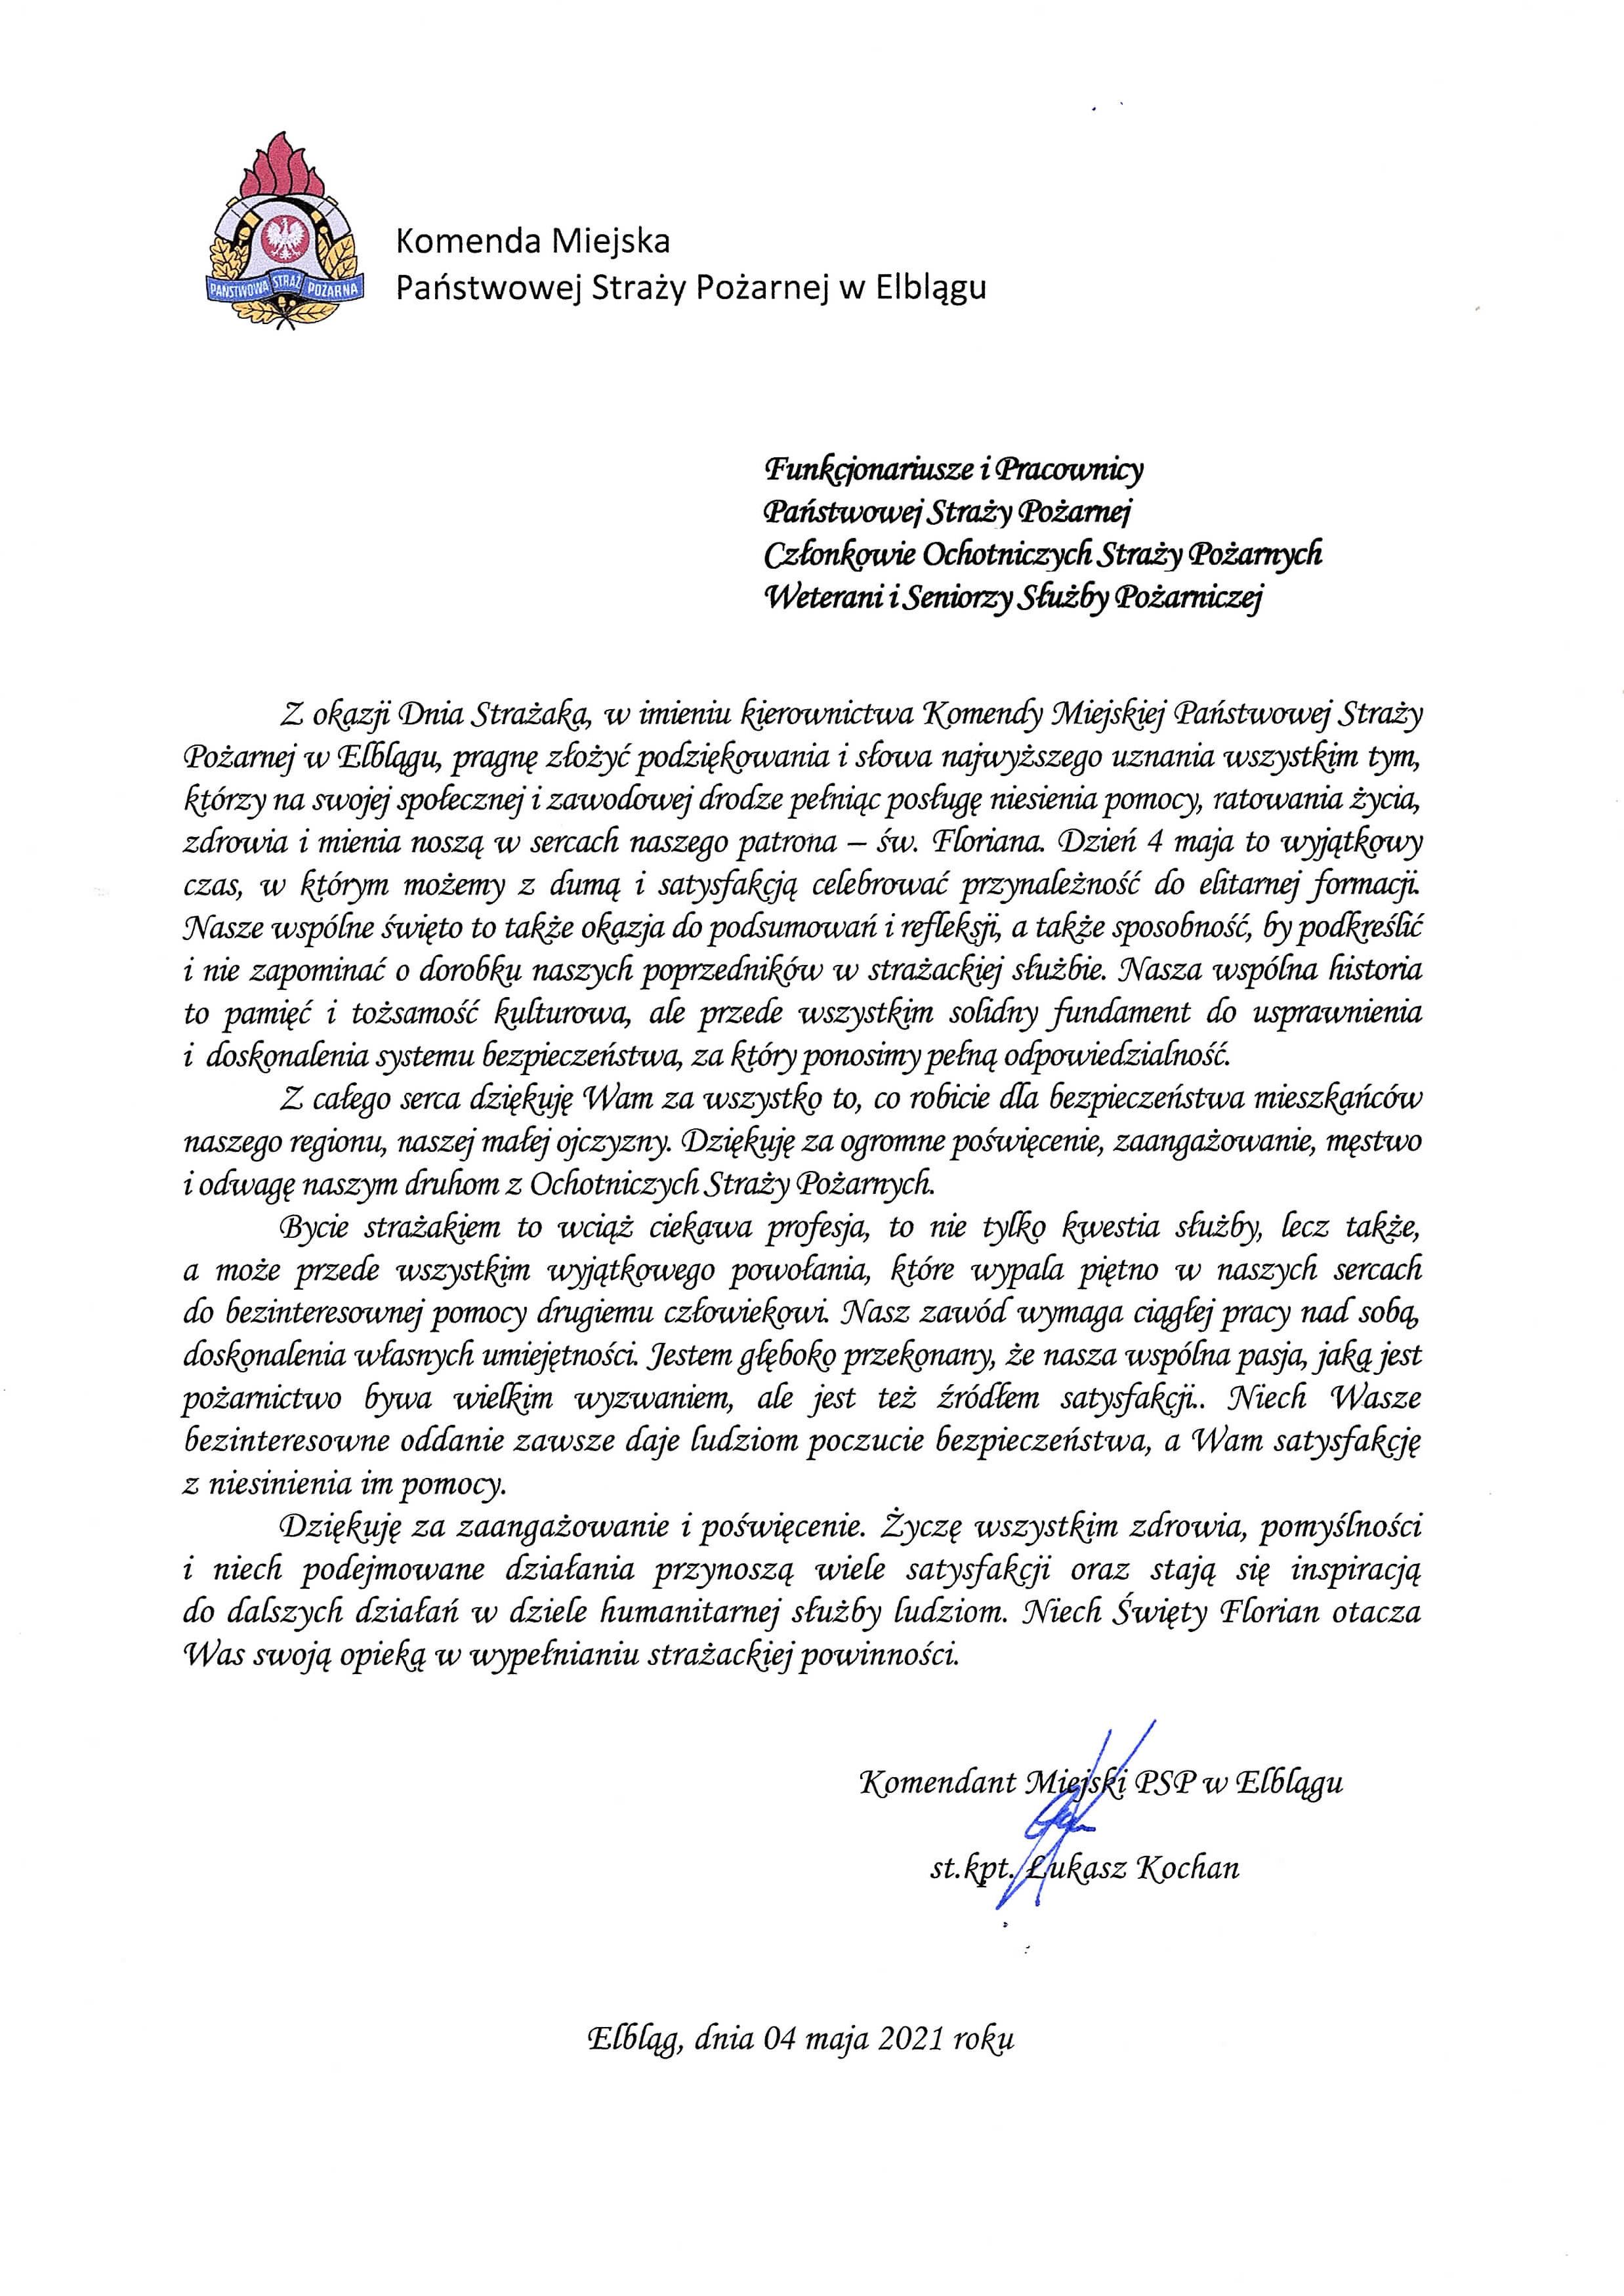 Tekst z życzeniami z okazji dnia strażaka Komendanta Miejskiego Państwowej Straży Pożarnej w Elblągu